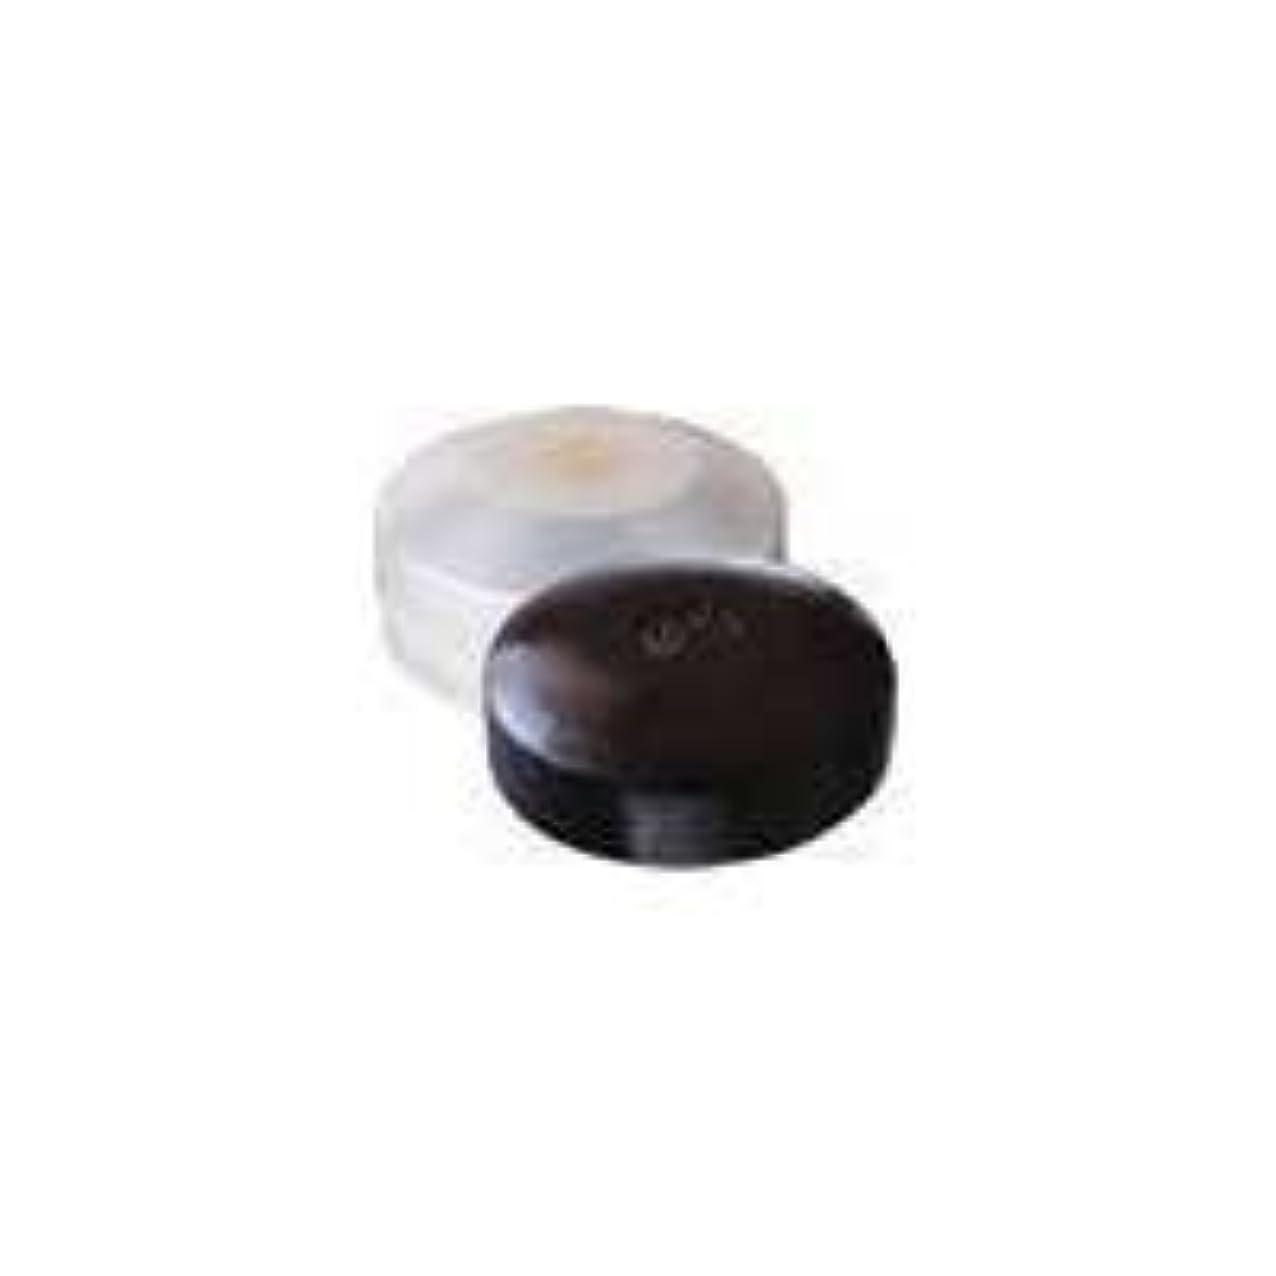 変なベッドを作る少ないマミヤンアロエ基礎化粧品シリーズ アロエクセルソープ 120g(ケース有) まろやかな泡立ち透明石鹸